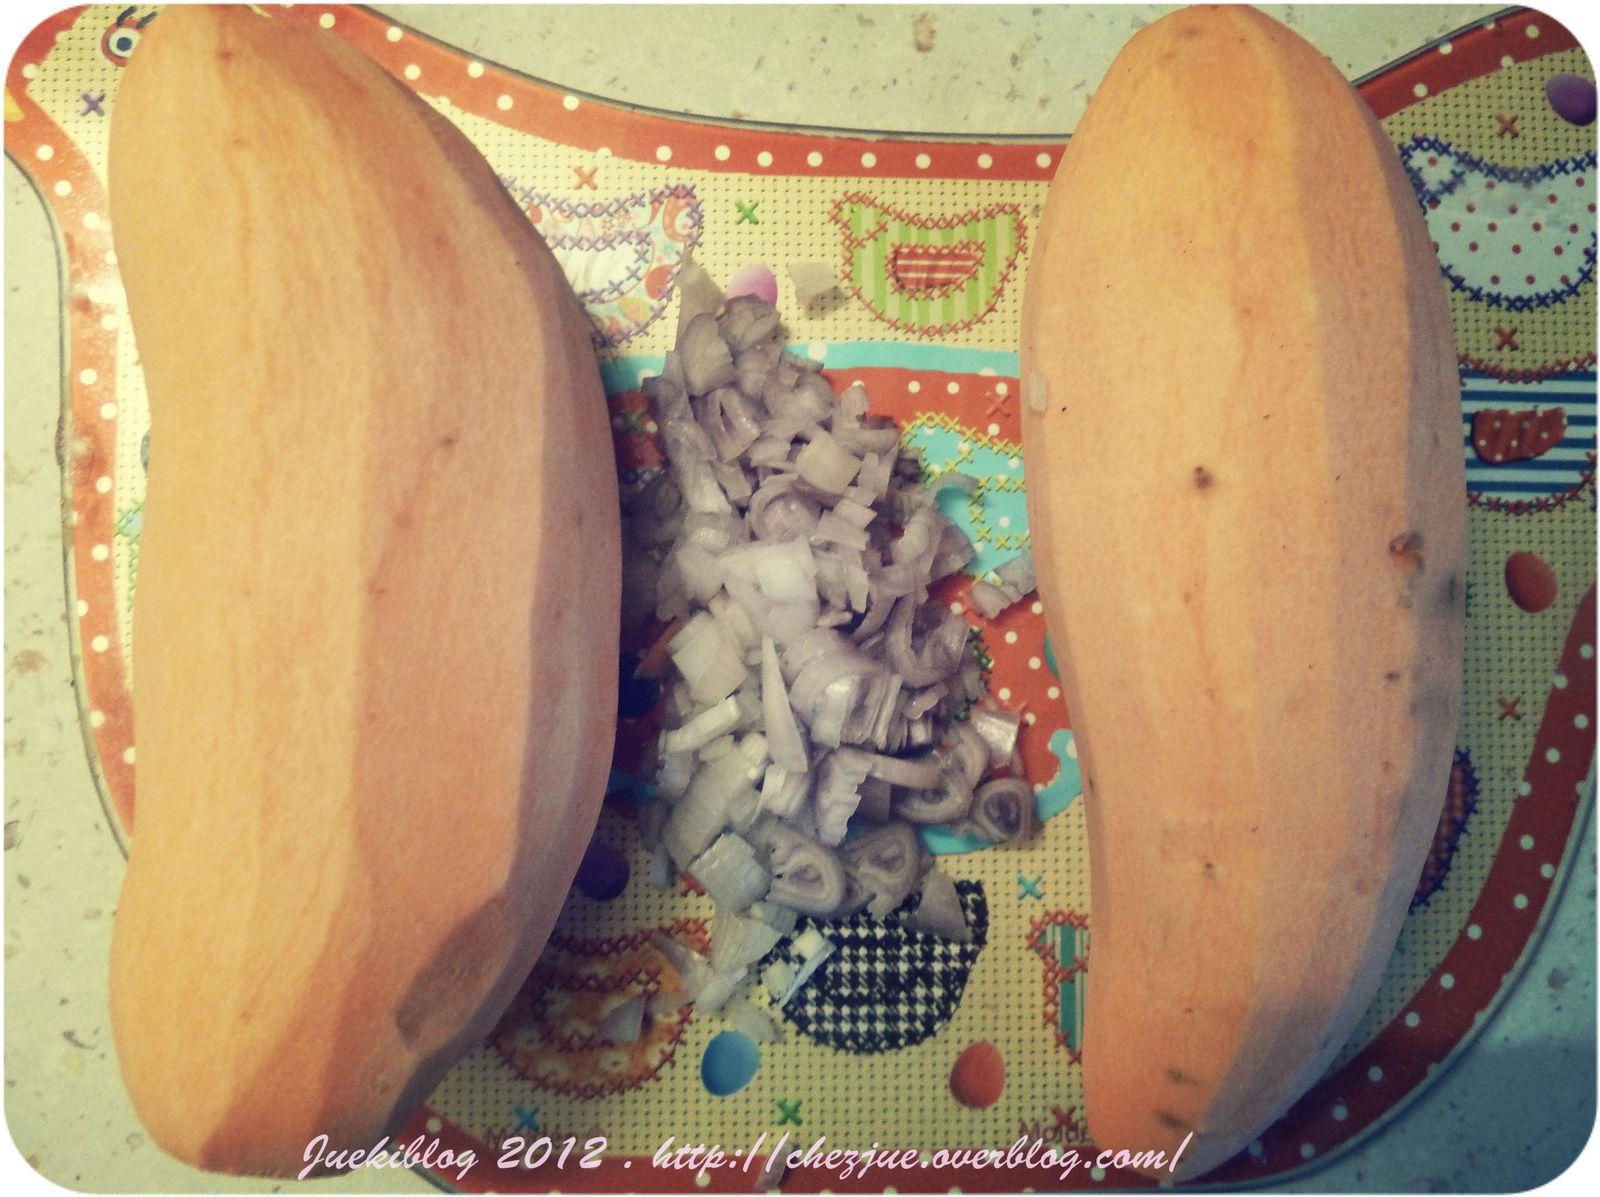 Patate douce sautée aux épices cajun